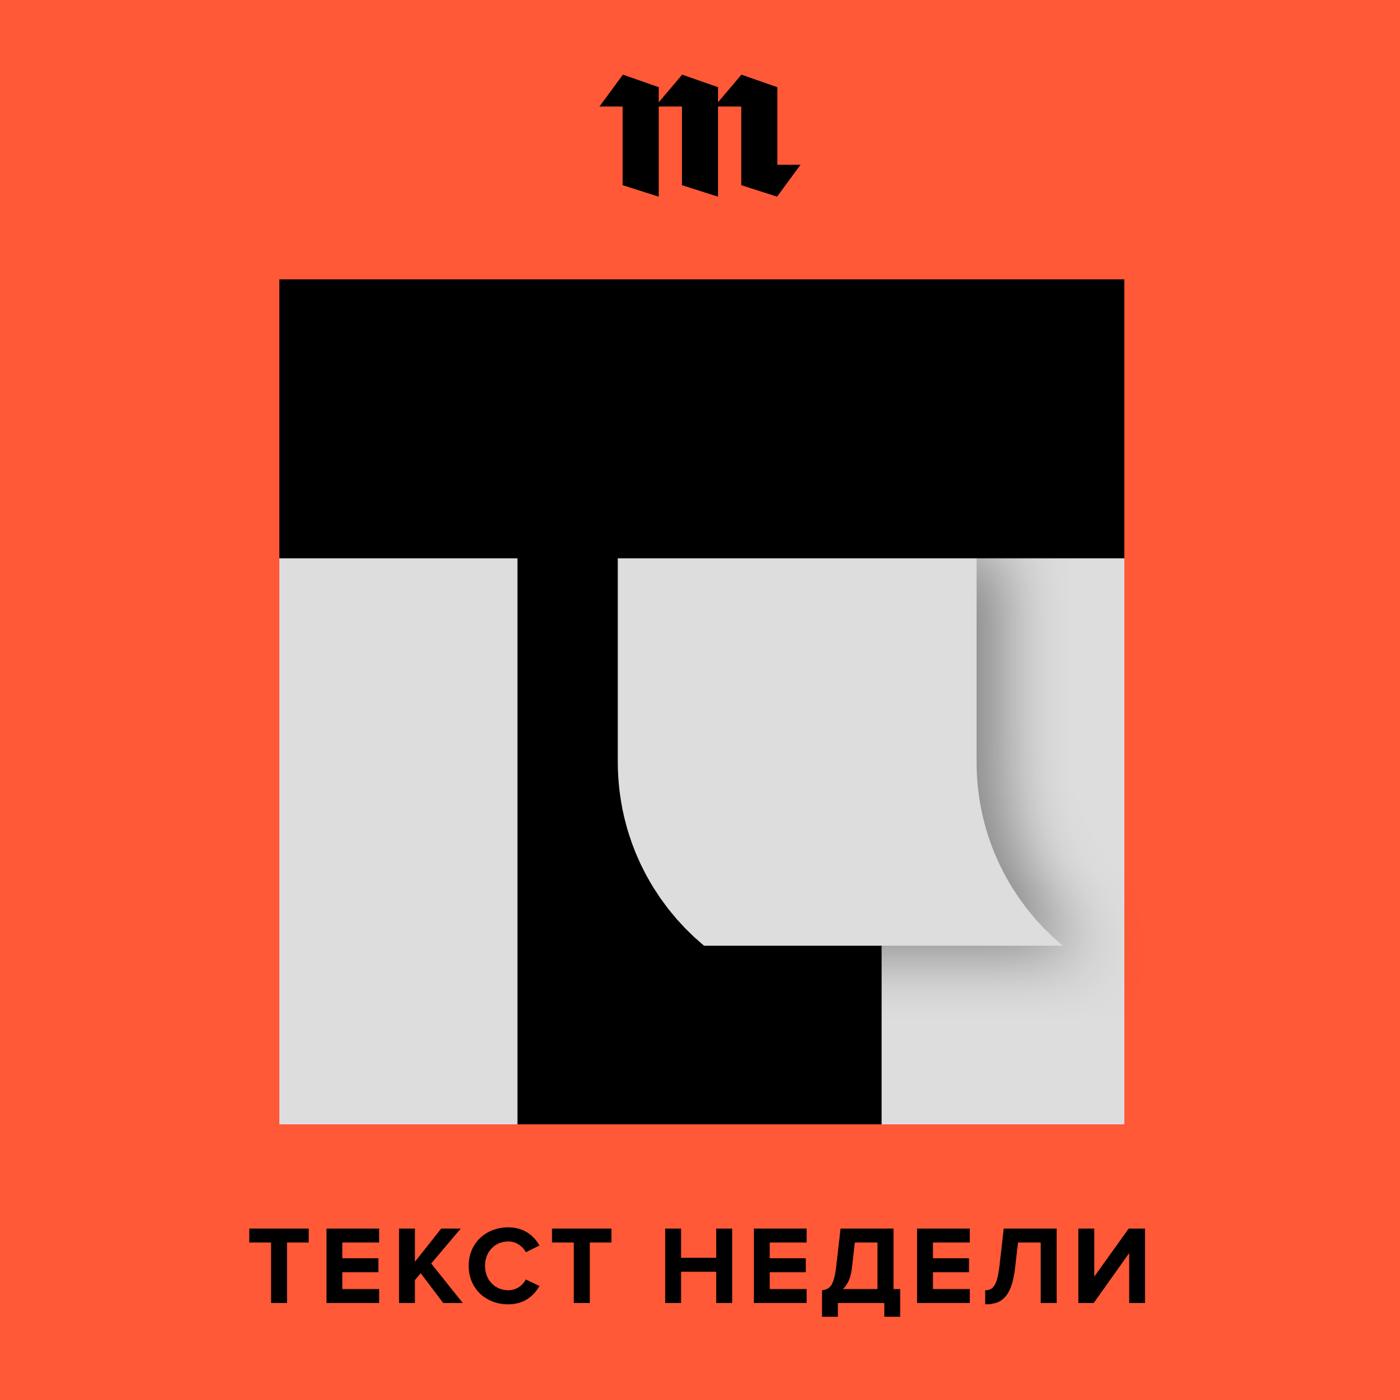 Кто и зачем в России рассказывает людям, что ВИЧ-инфекции не существует